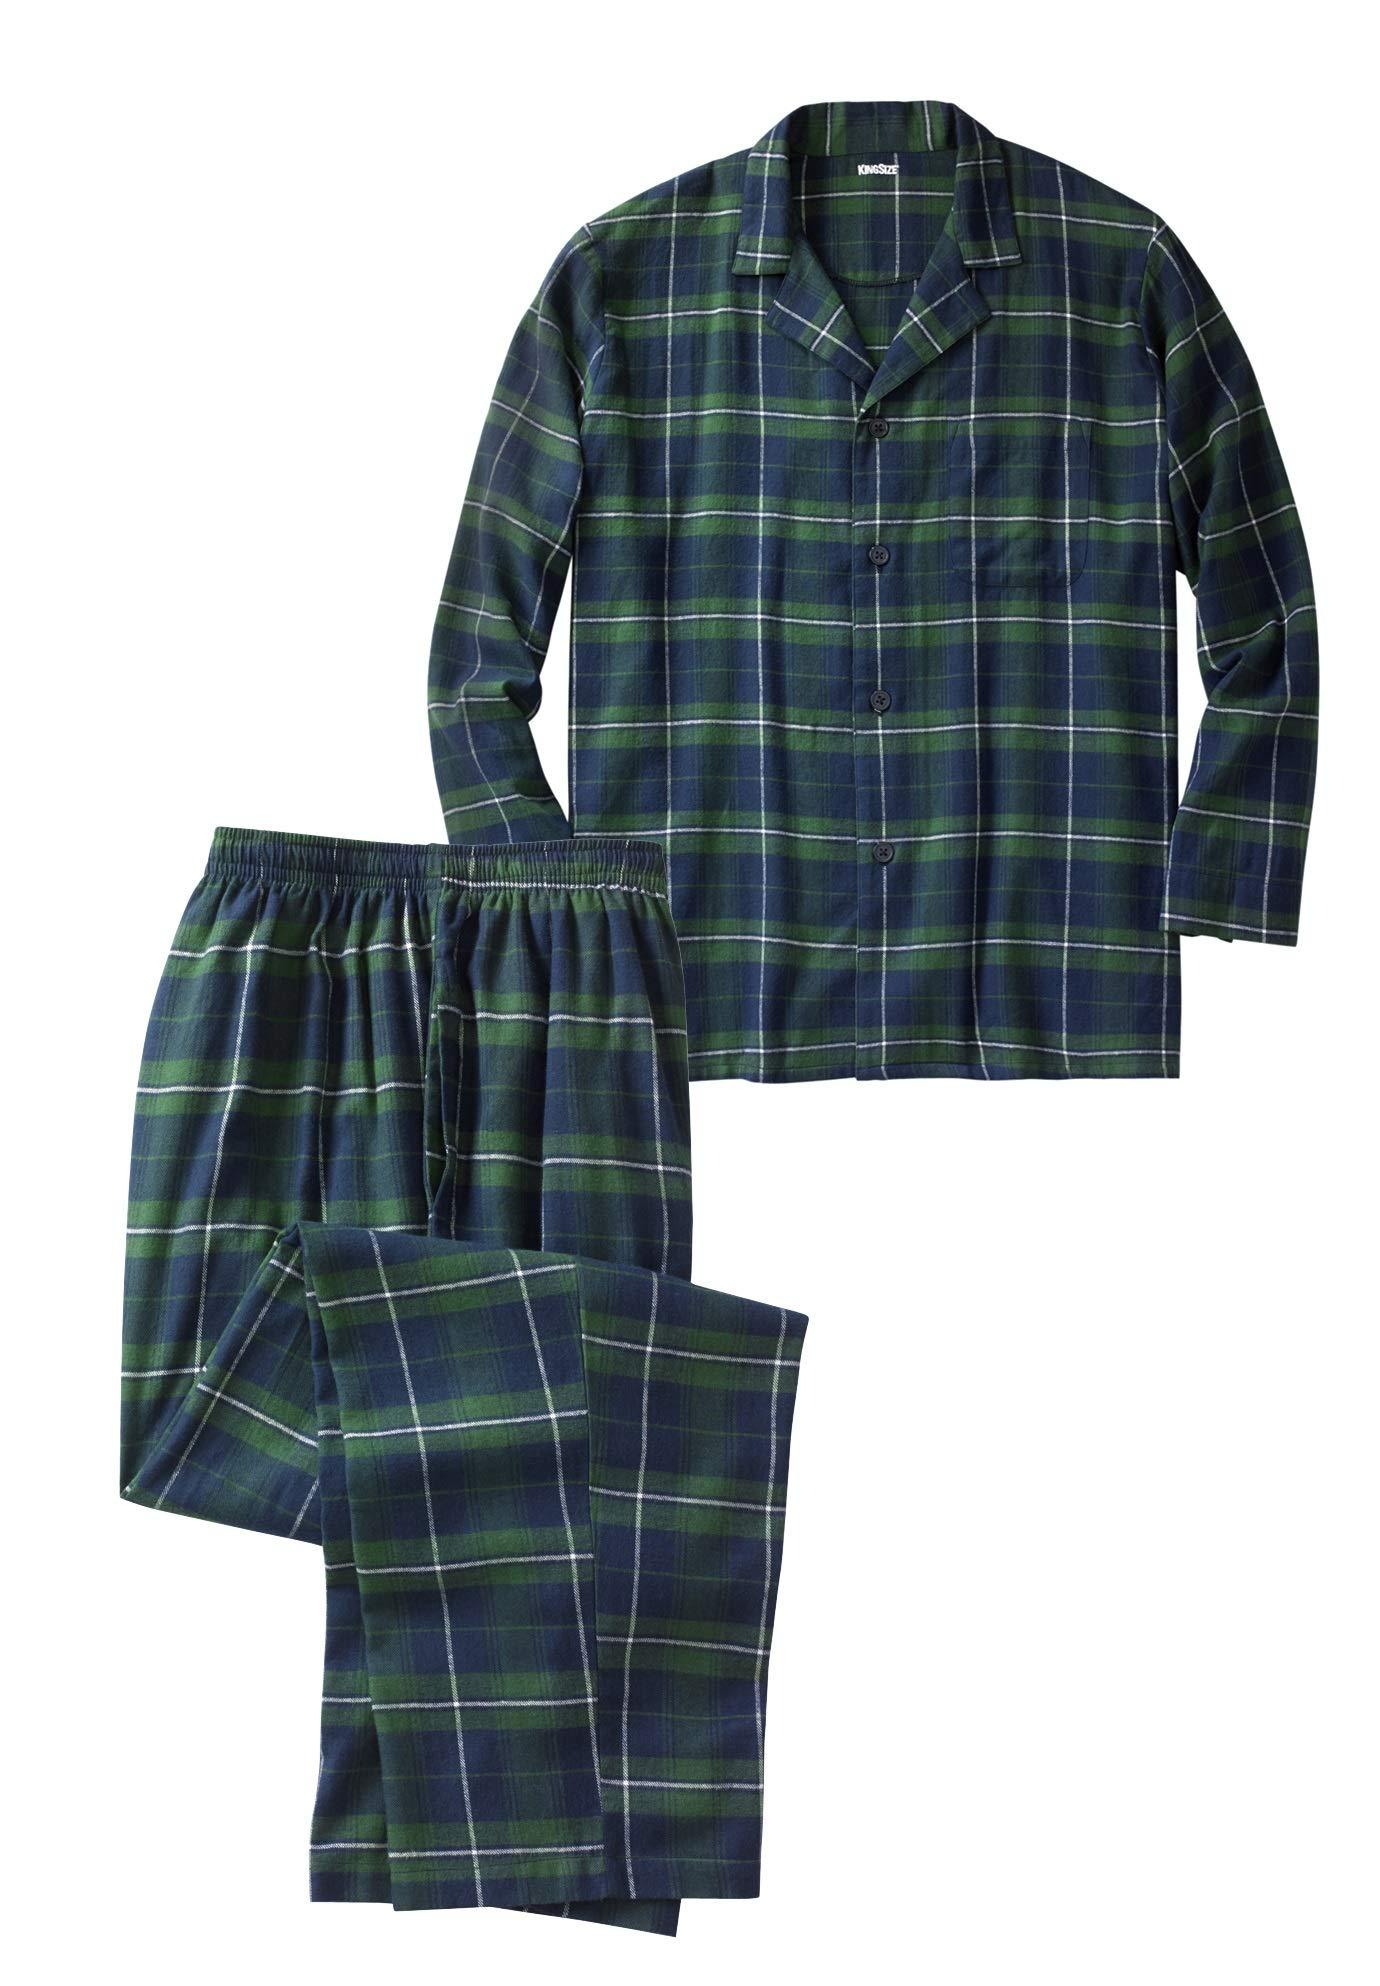 KingSize Men's Big & Tall Plaid Flannel Pajama Set, Balsam Plaid Tall-L